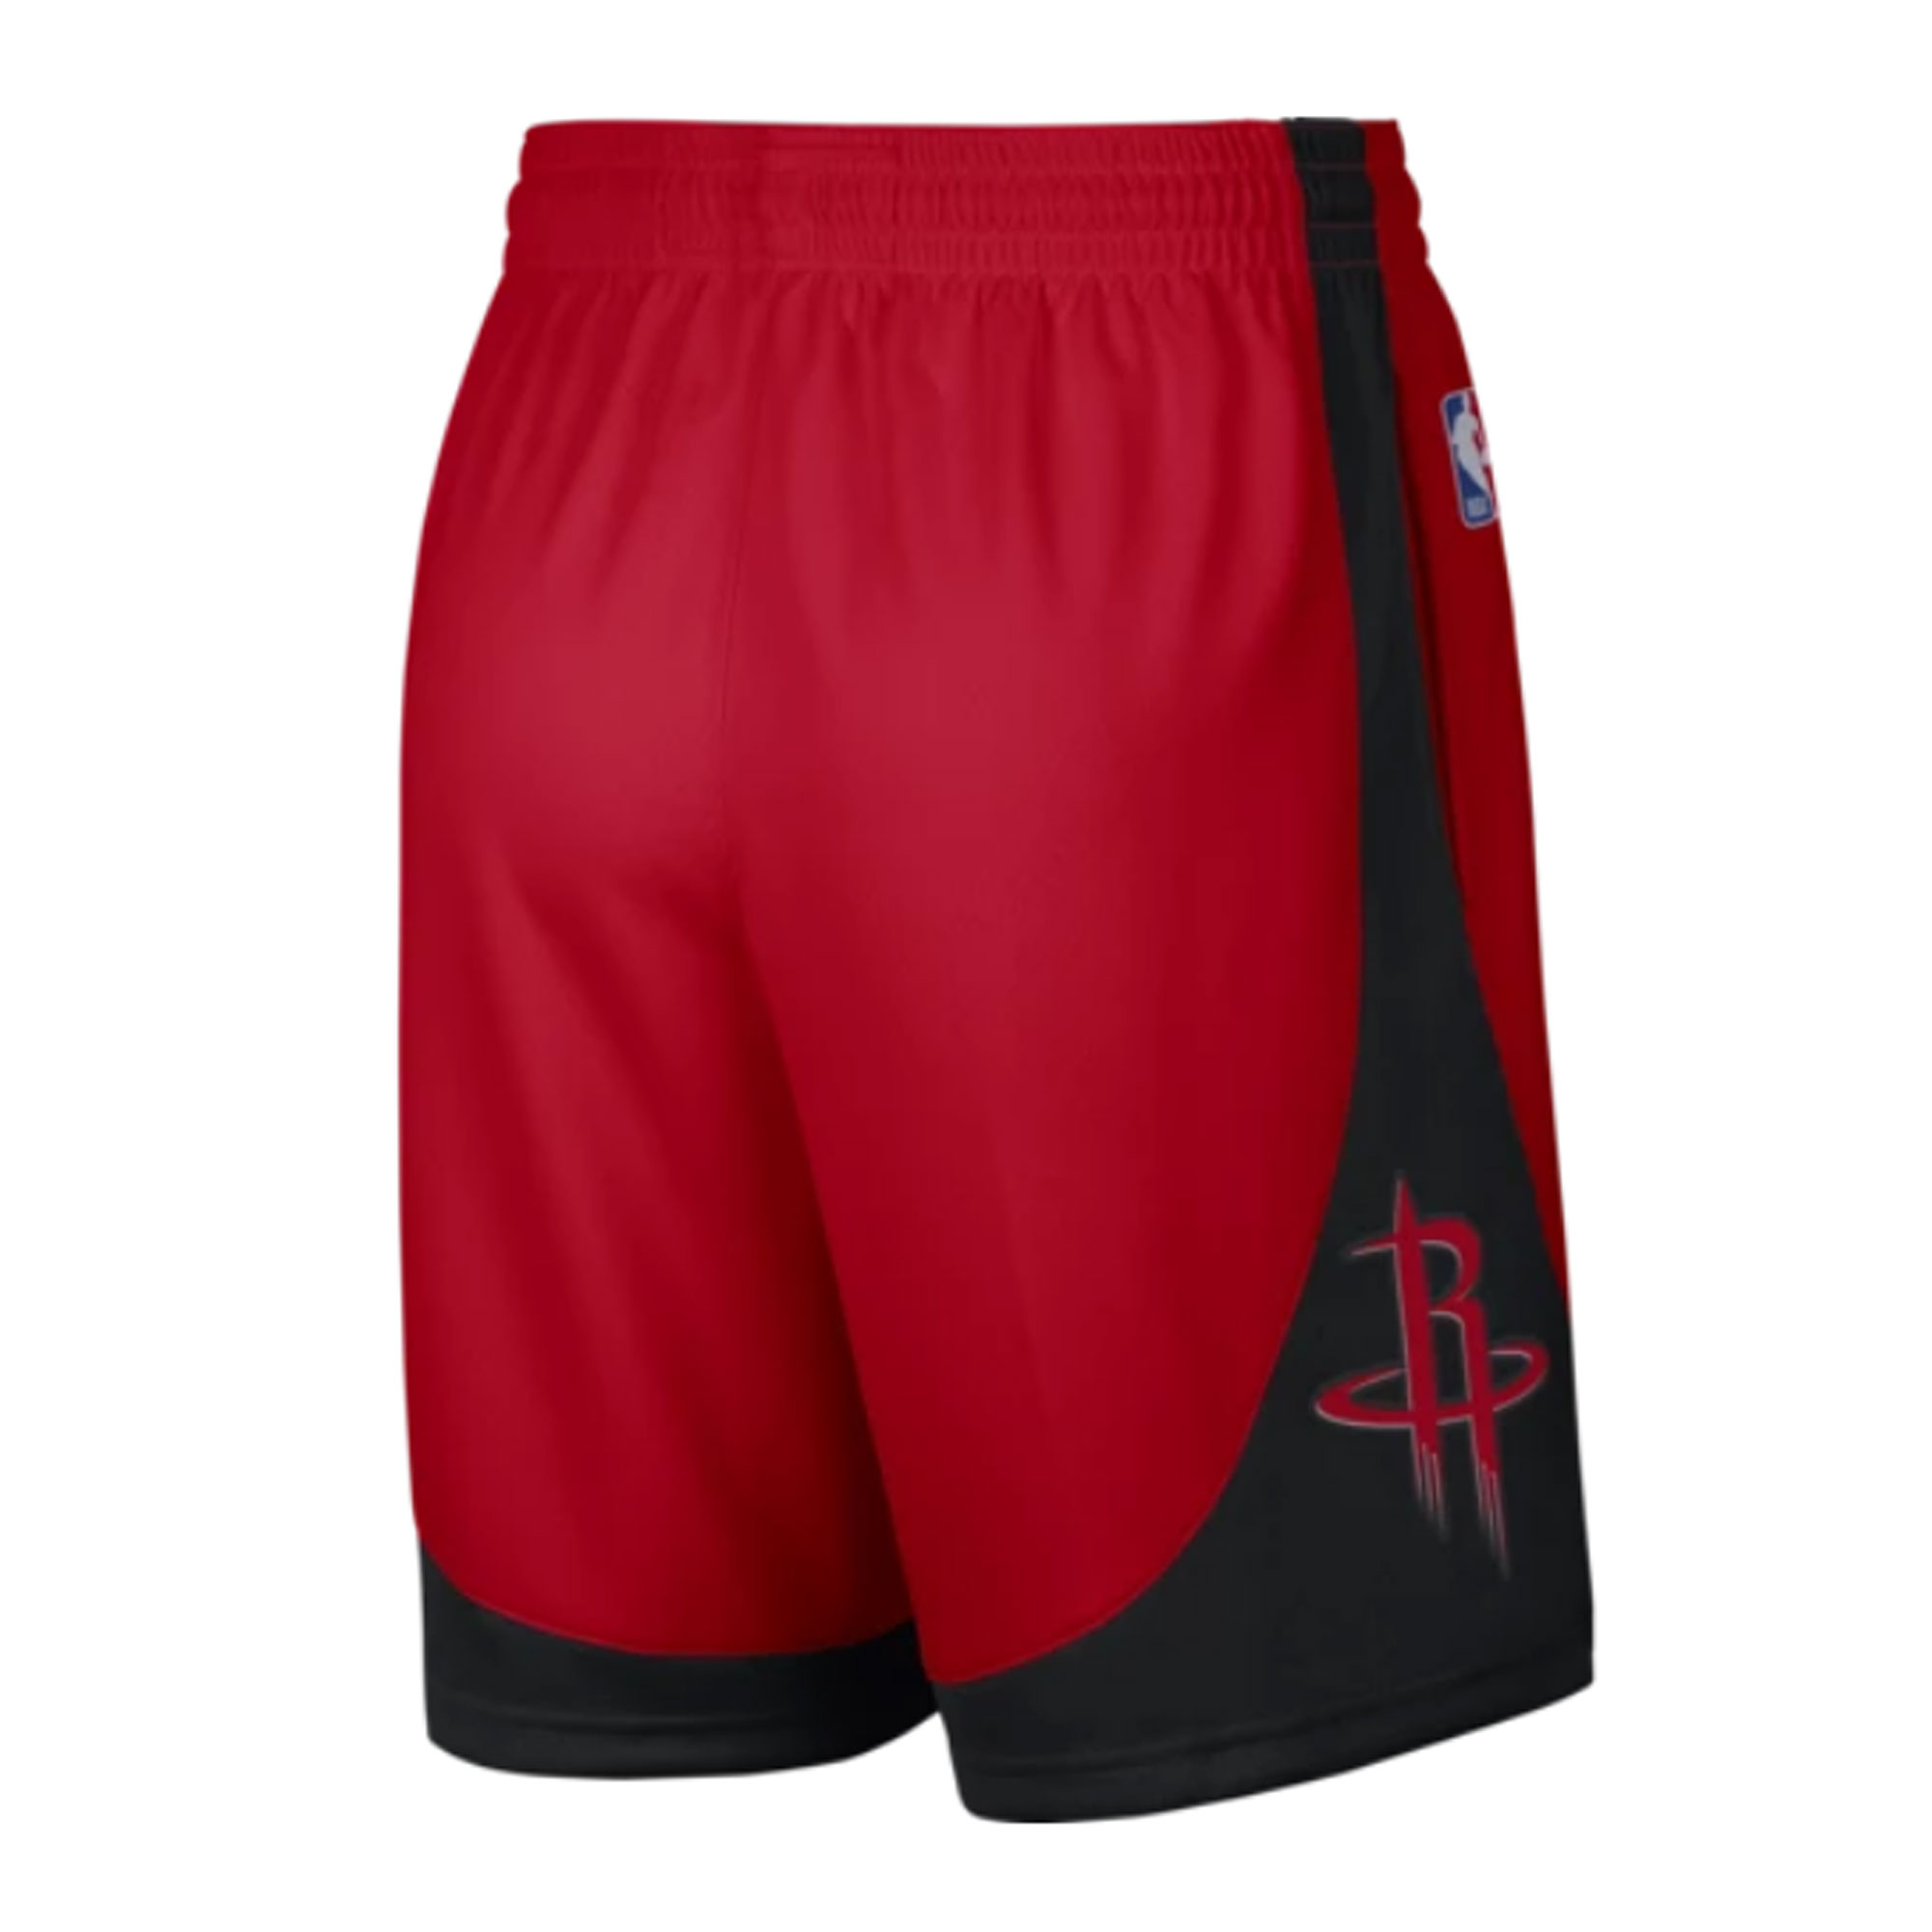 Houston Rockets Short (SRT-RED-HOUSTON02)